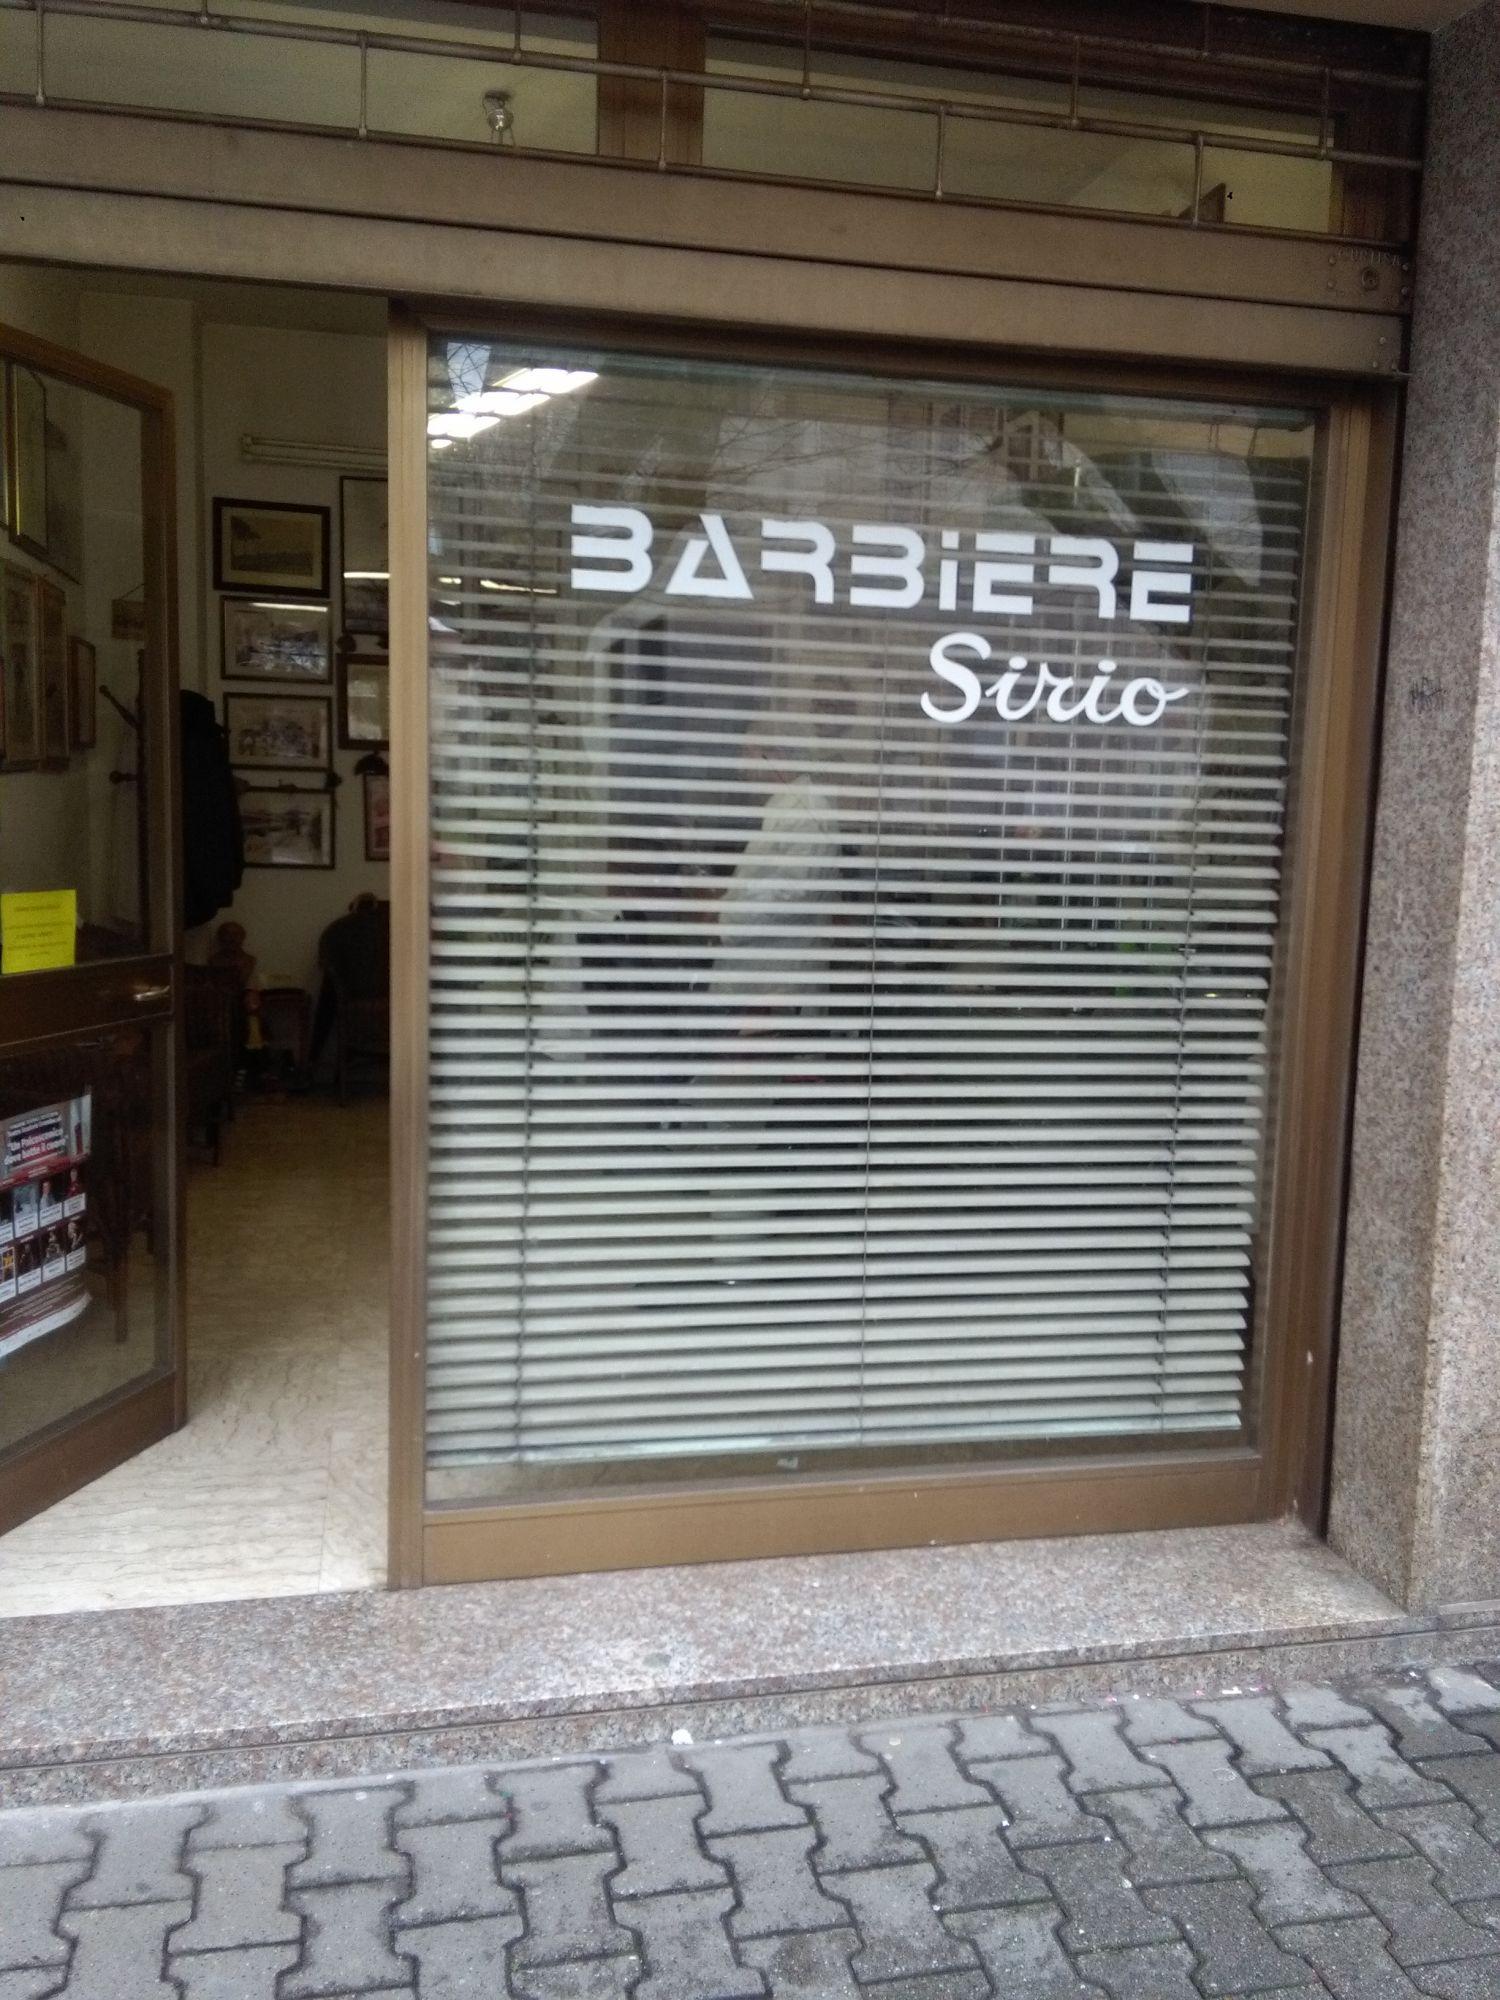 90 anni per Giancarlo Garbocci, il barbiere più longevo d'Italia